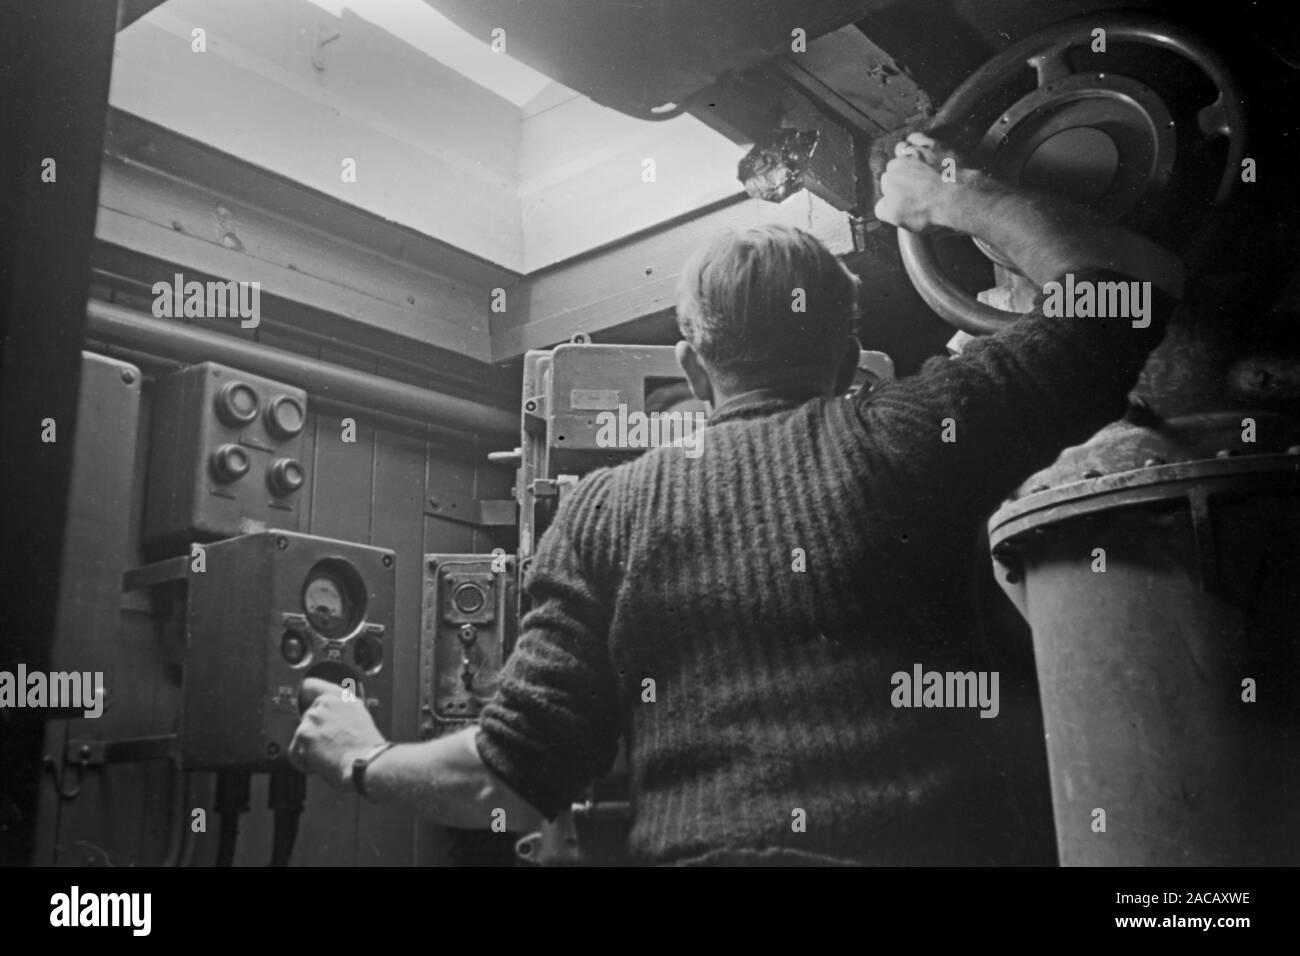 Schiffsarbeiter prüft Luftzufuhr für Taucher, Emden, Niedersachsen, Deutschland, 1950. Ship worker checks air supply for divers, Emden, Lower Saxony, Germany, 1950. Stock Photo